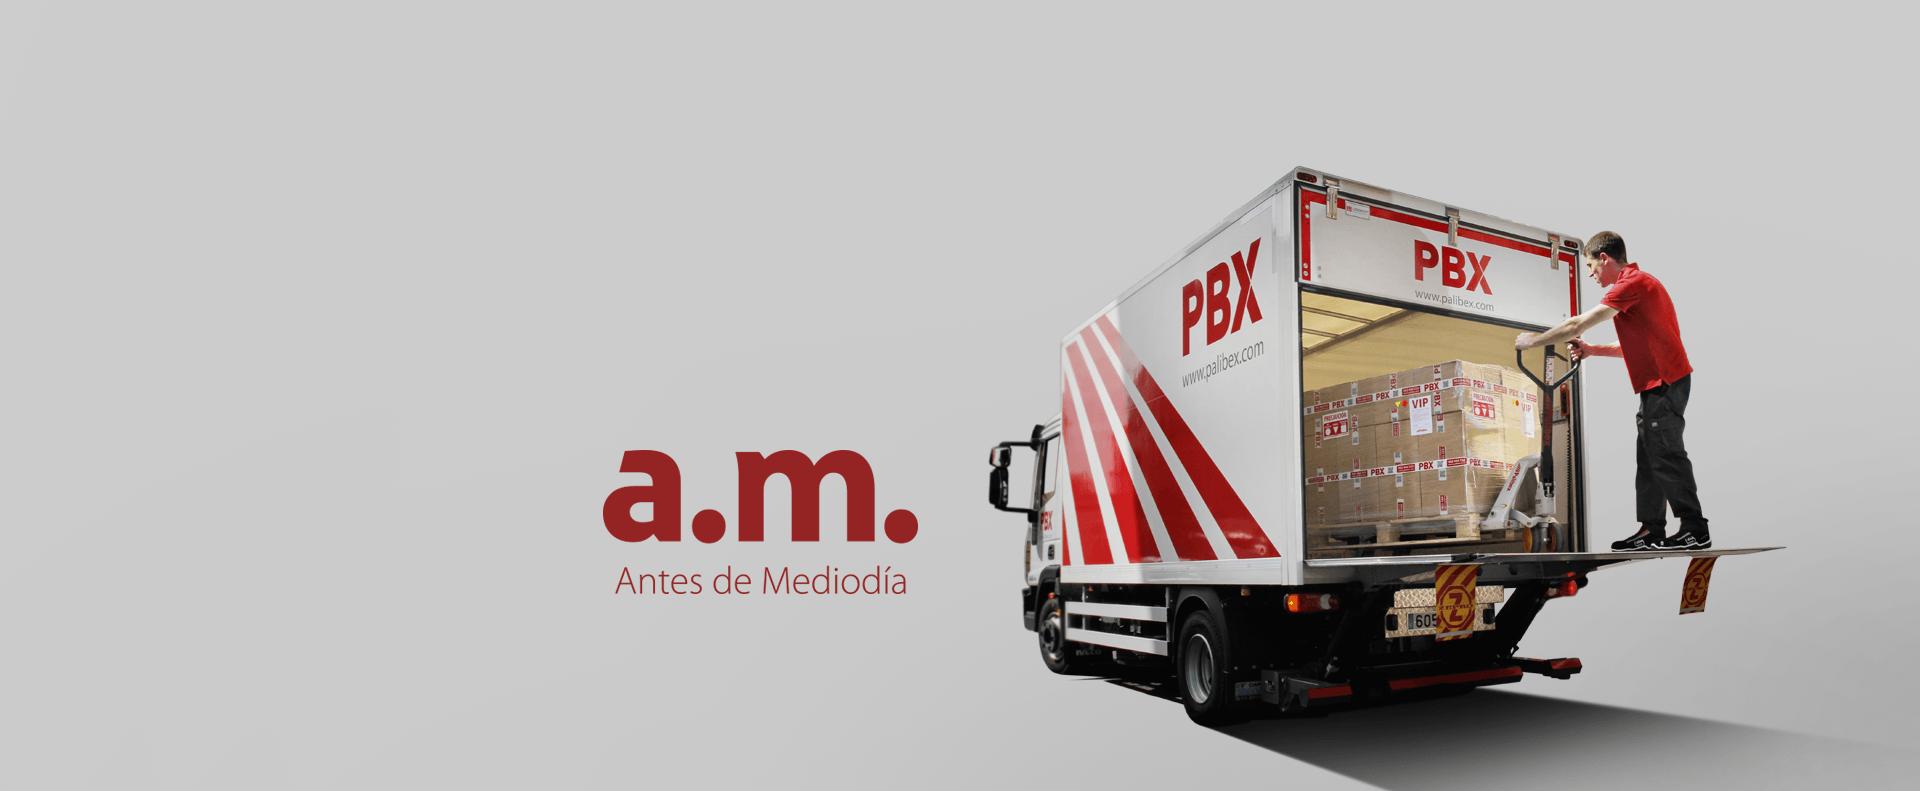 PBX, los primeros<br /> con servicio a.m.<br /> <br />